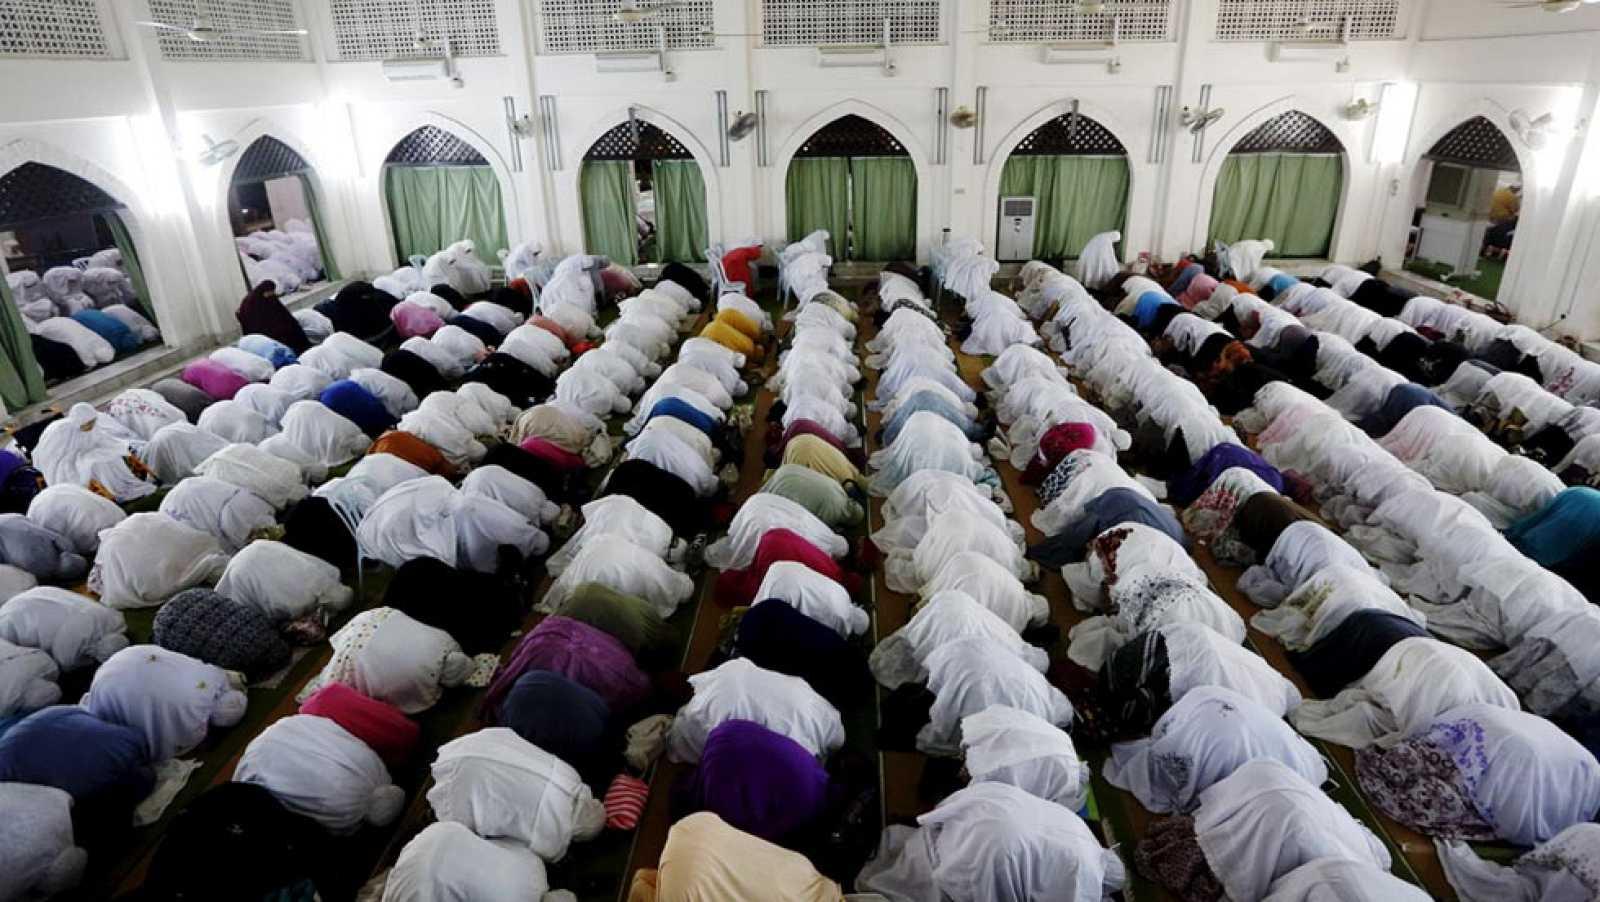 Comienza el Ramadán, el mes del ayuno para los musulmanes - RTVE.es